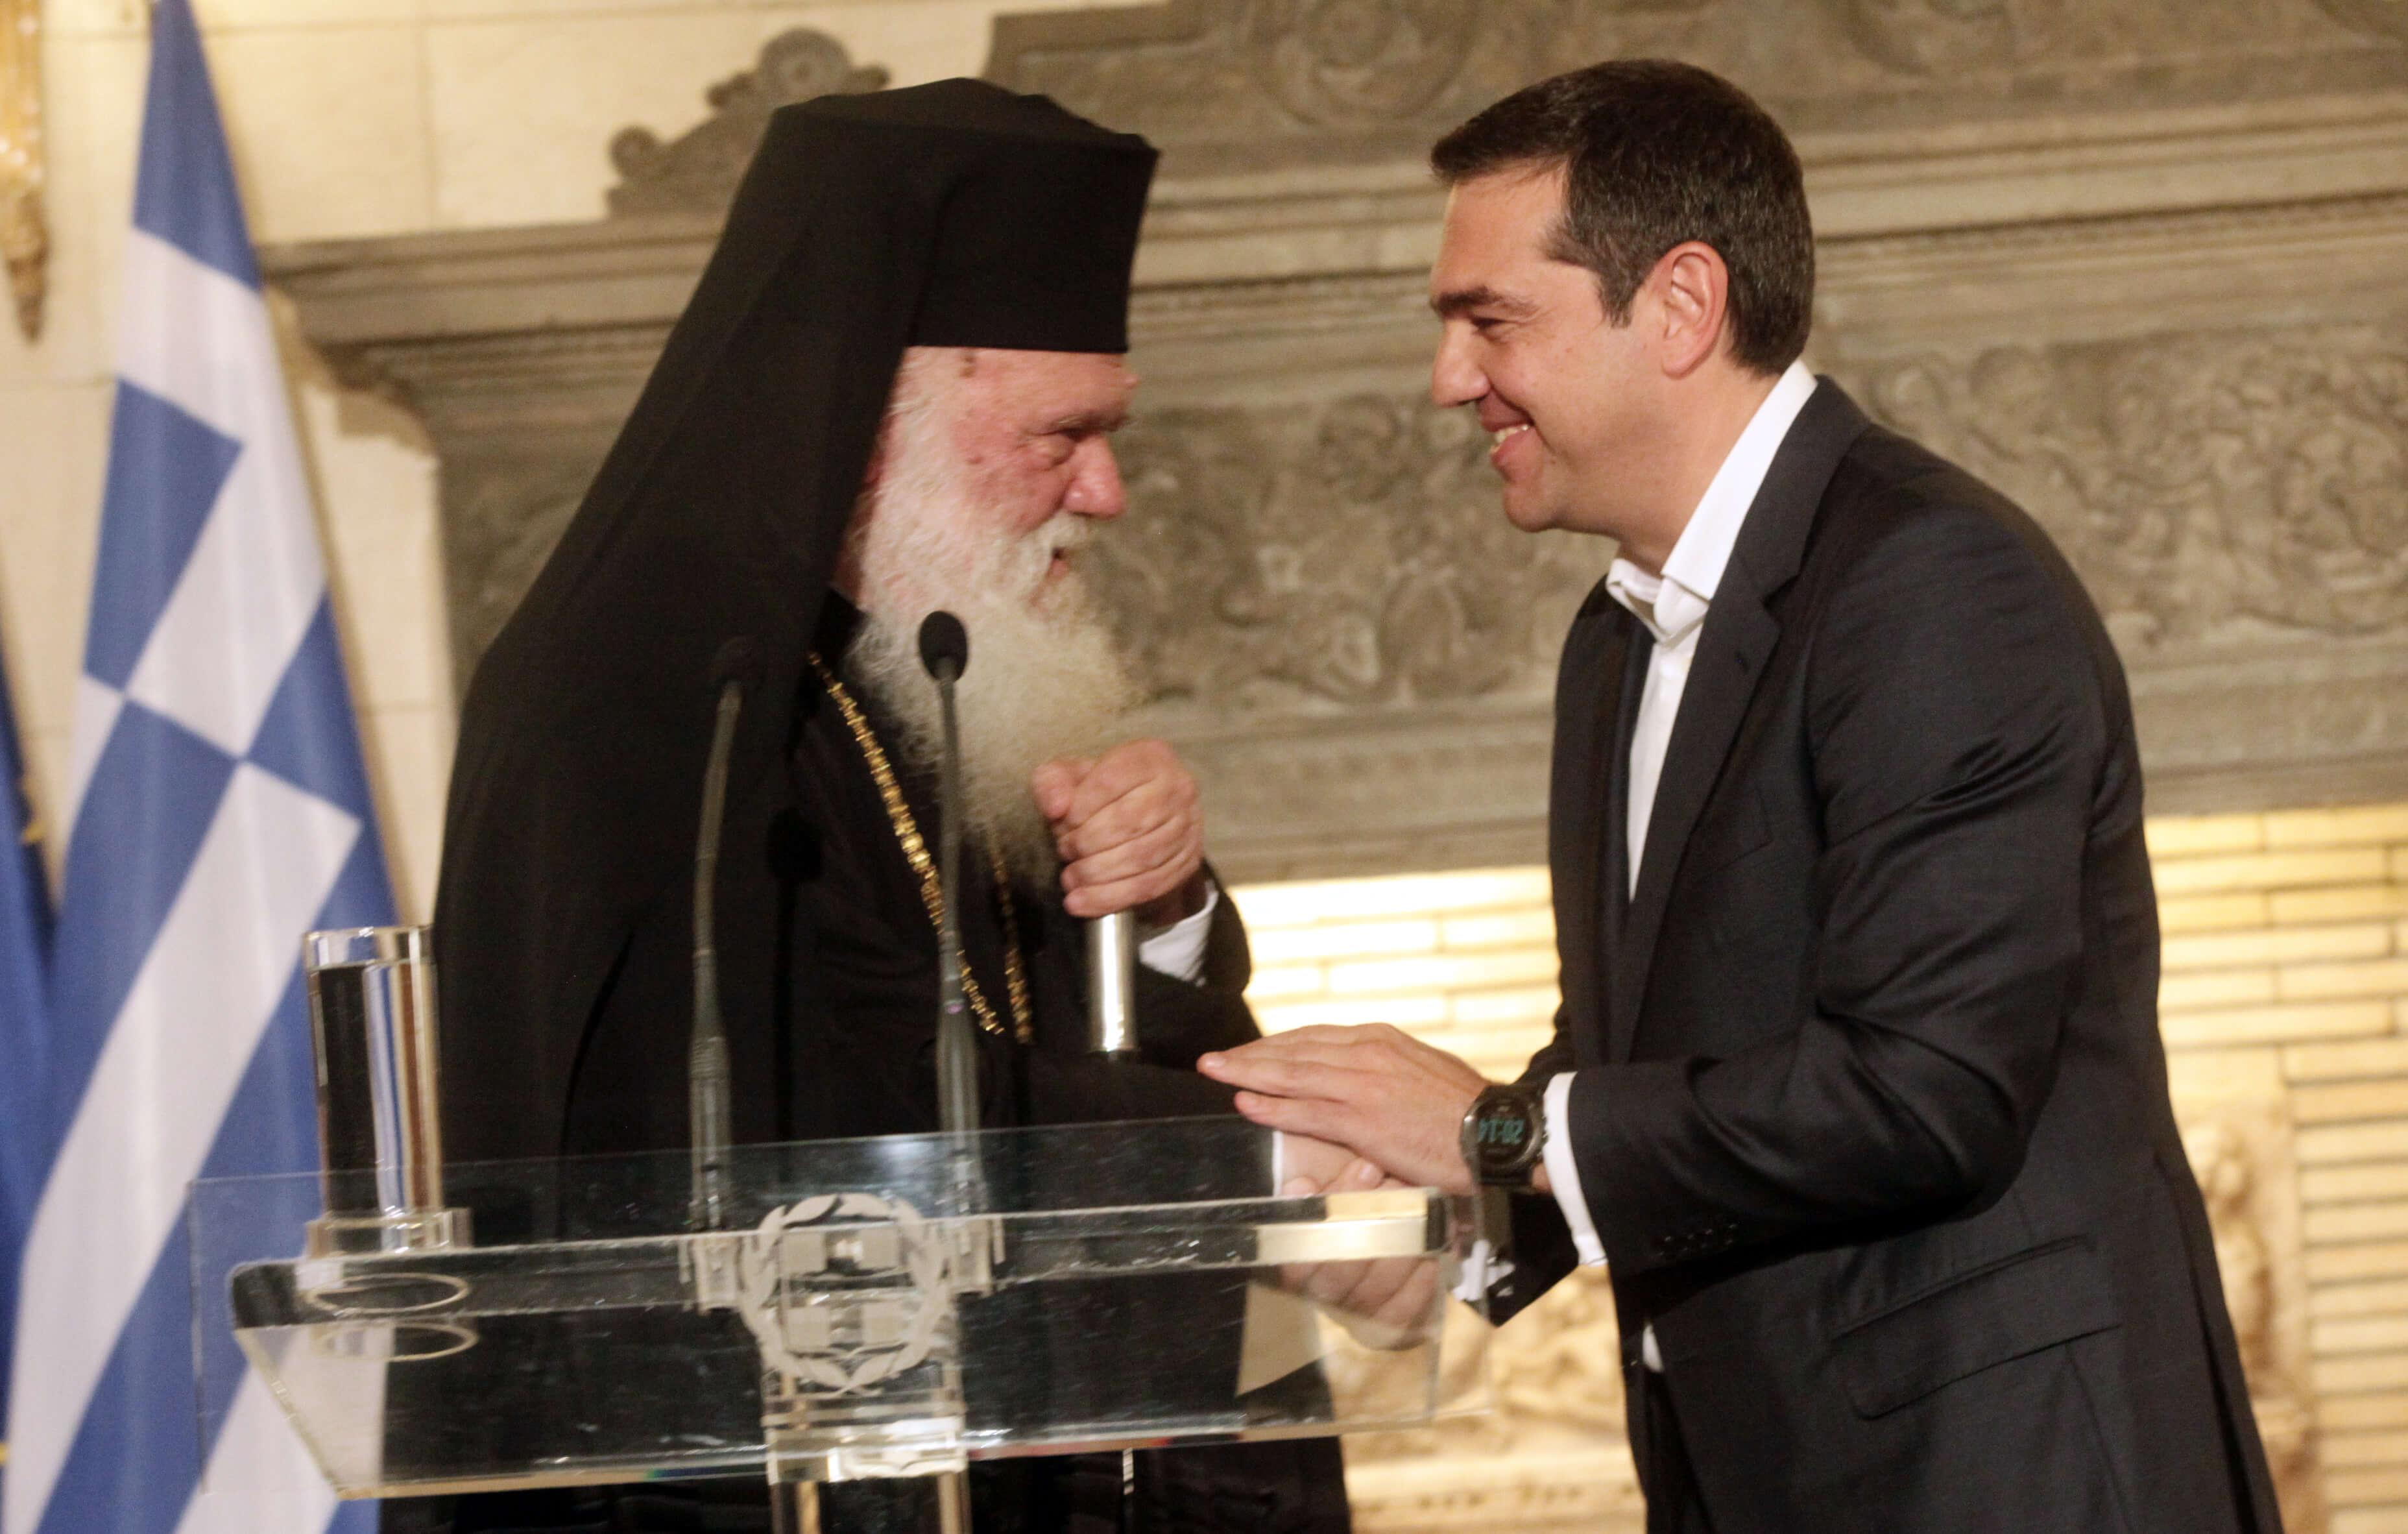 Διαψεύδει η Αρχιεπισκοπή επικοινωνία Τσίπρα – Ιερώνυμου για τις Πρέσπες